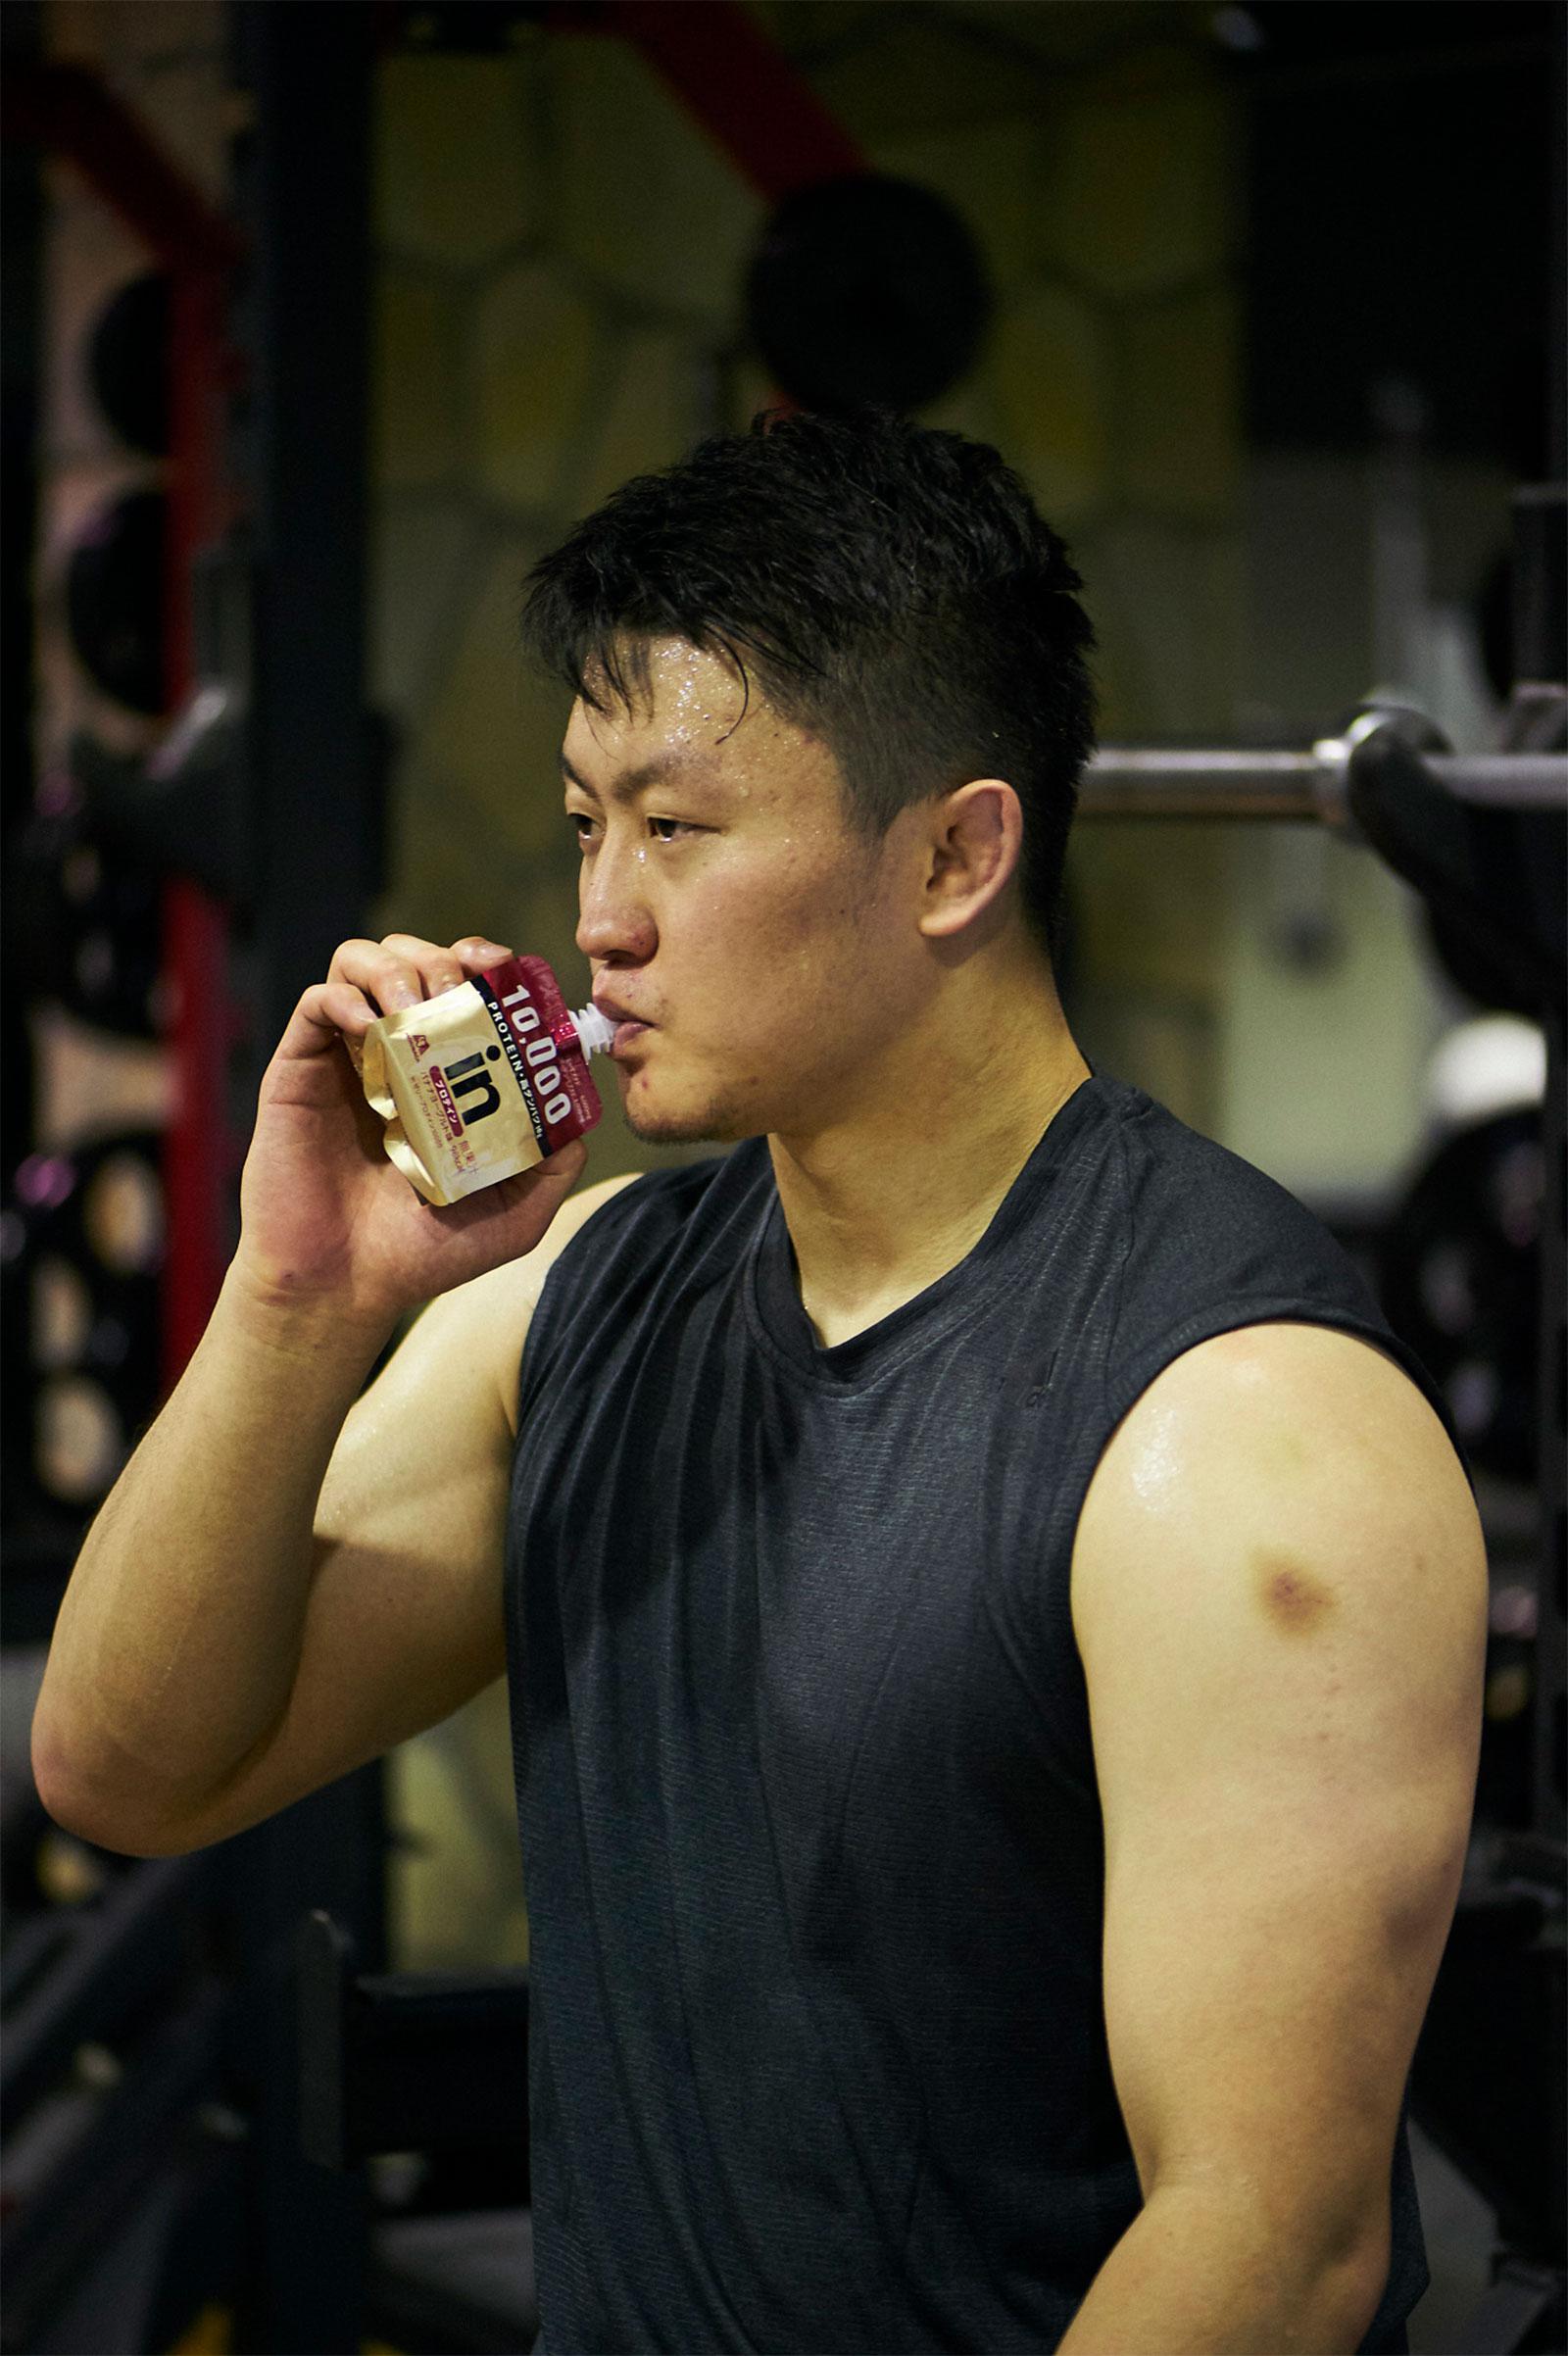 トレーニングを終えたら《inゼリー プロテイン10000》でタンパク質を補給。1袋で10gのタンパク質を摂取できる。夕食を食べてから寝るまでの間に、補食として摂取することも多いそうだ。